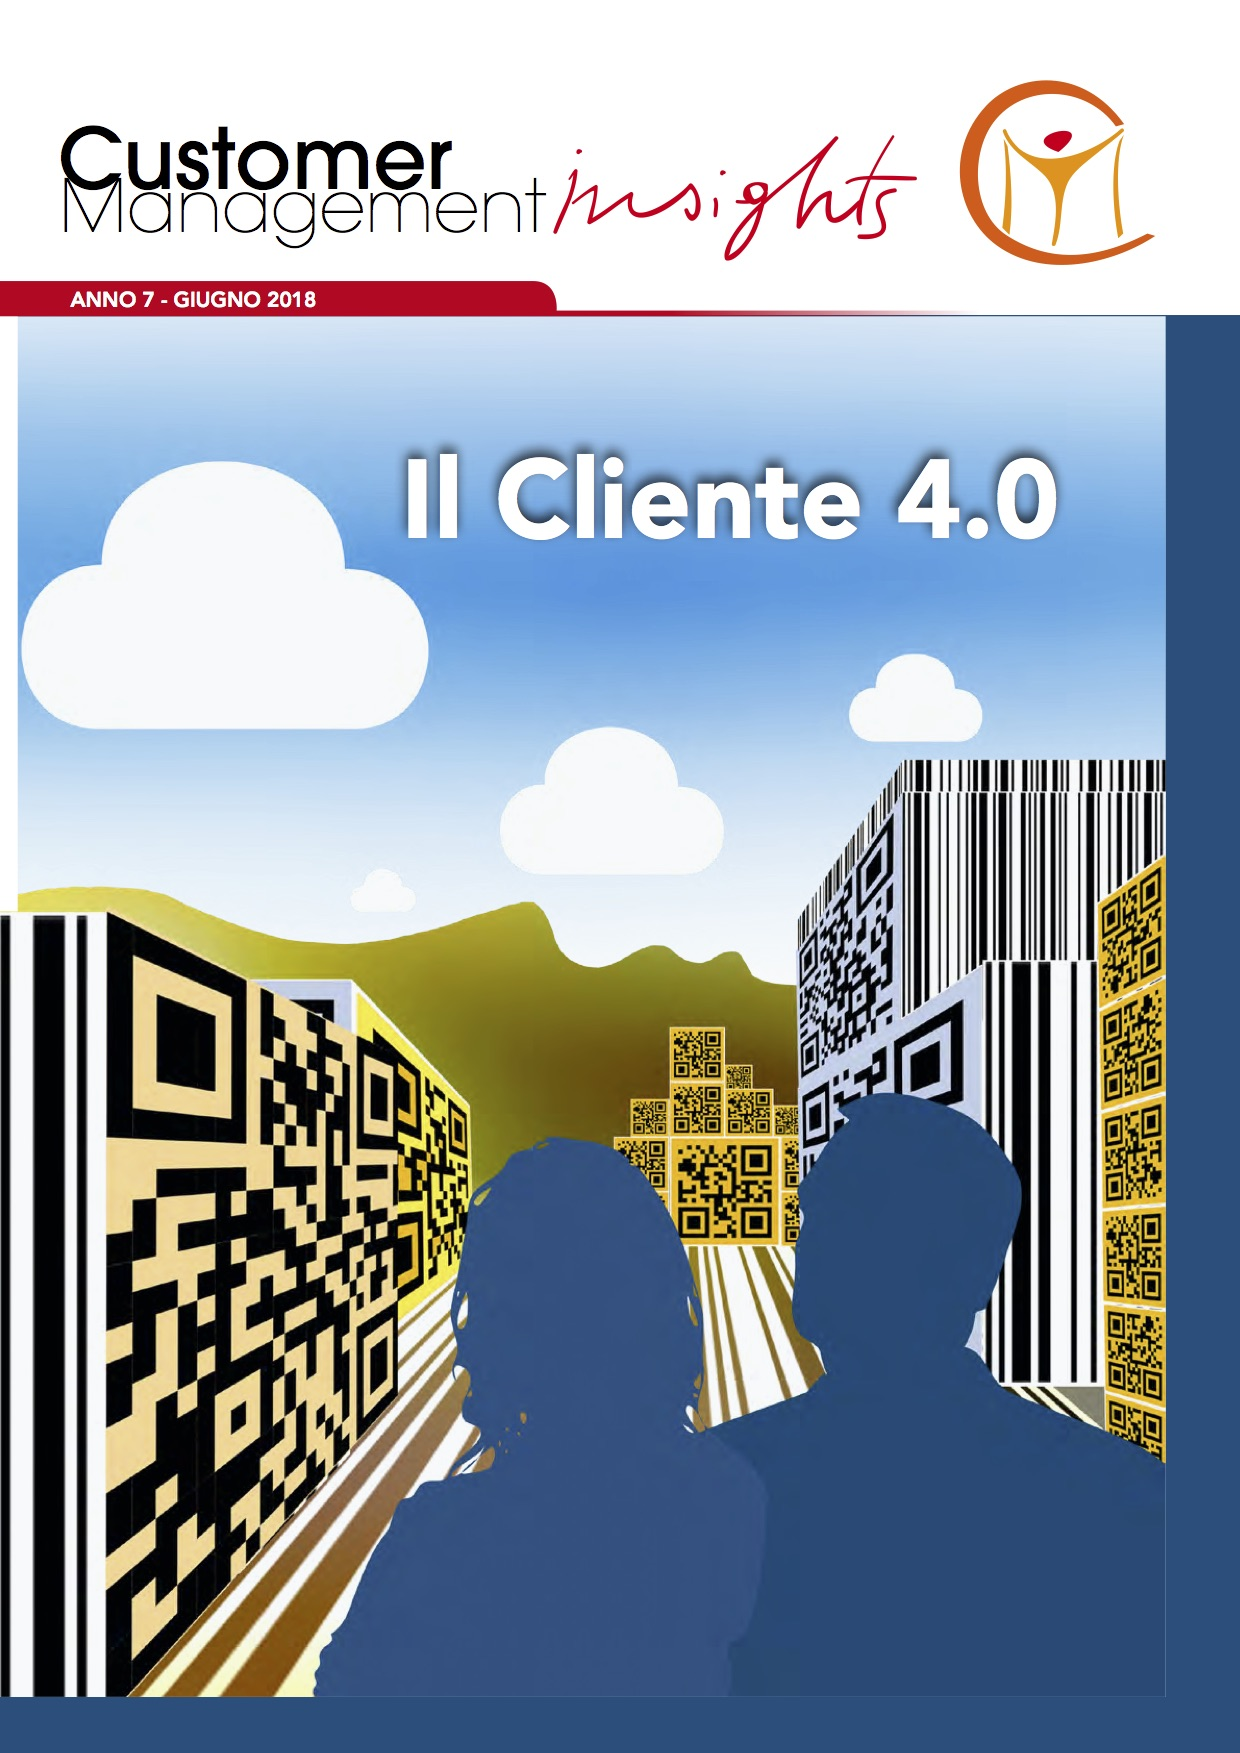 CMI_mon-2_2018_crm_cliente 4.0